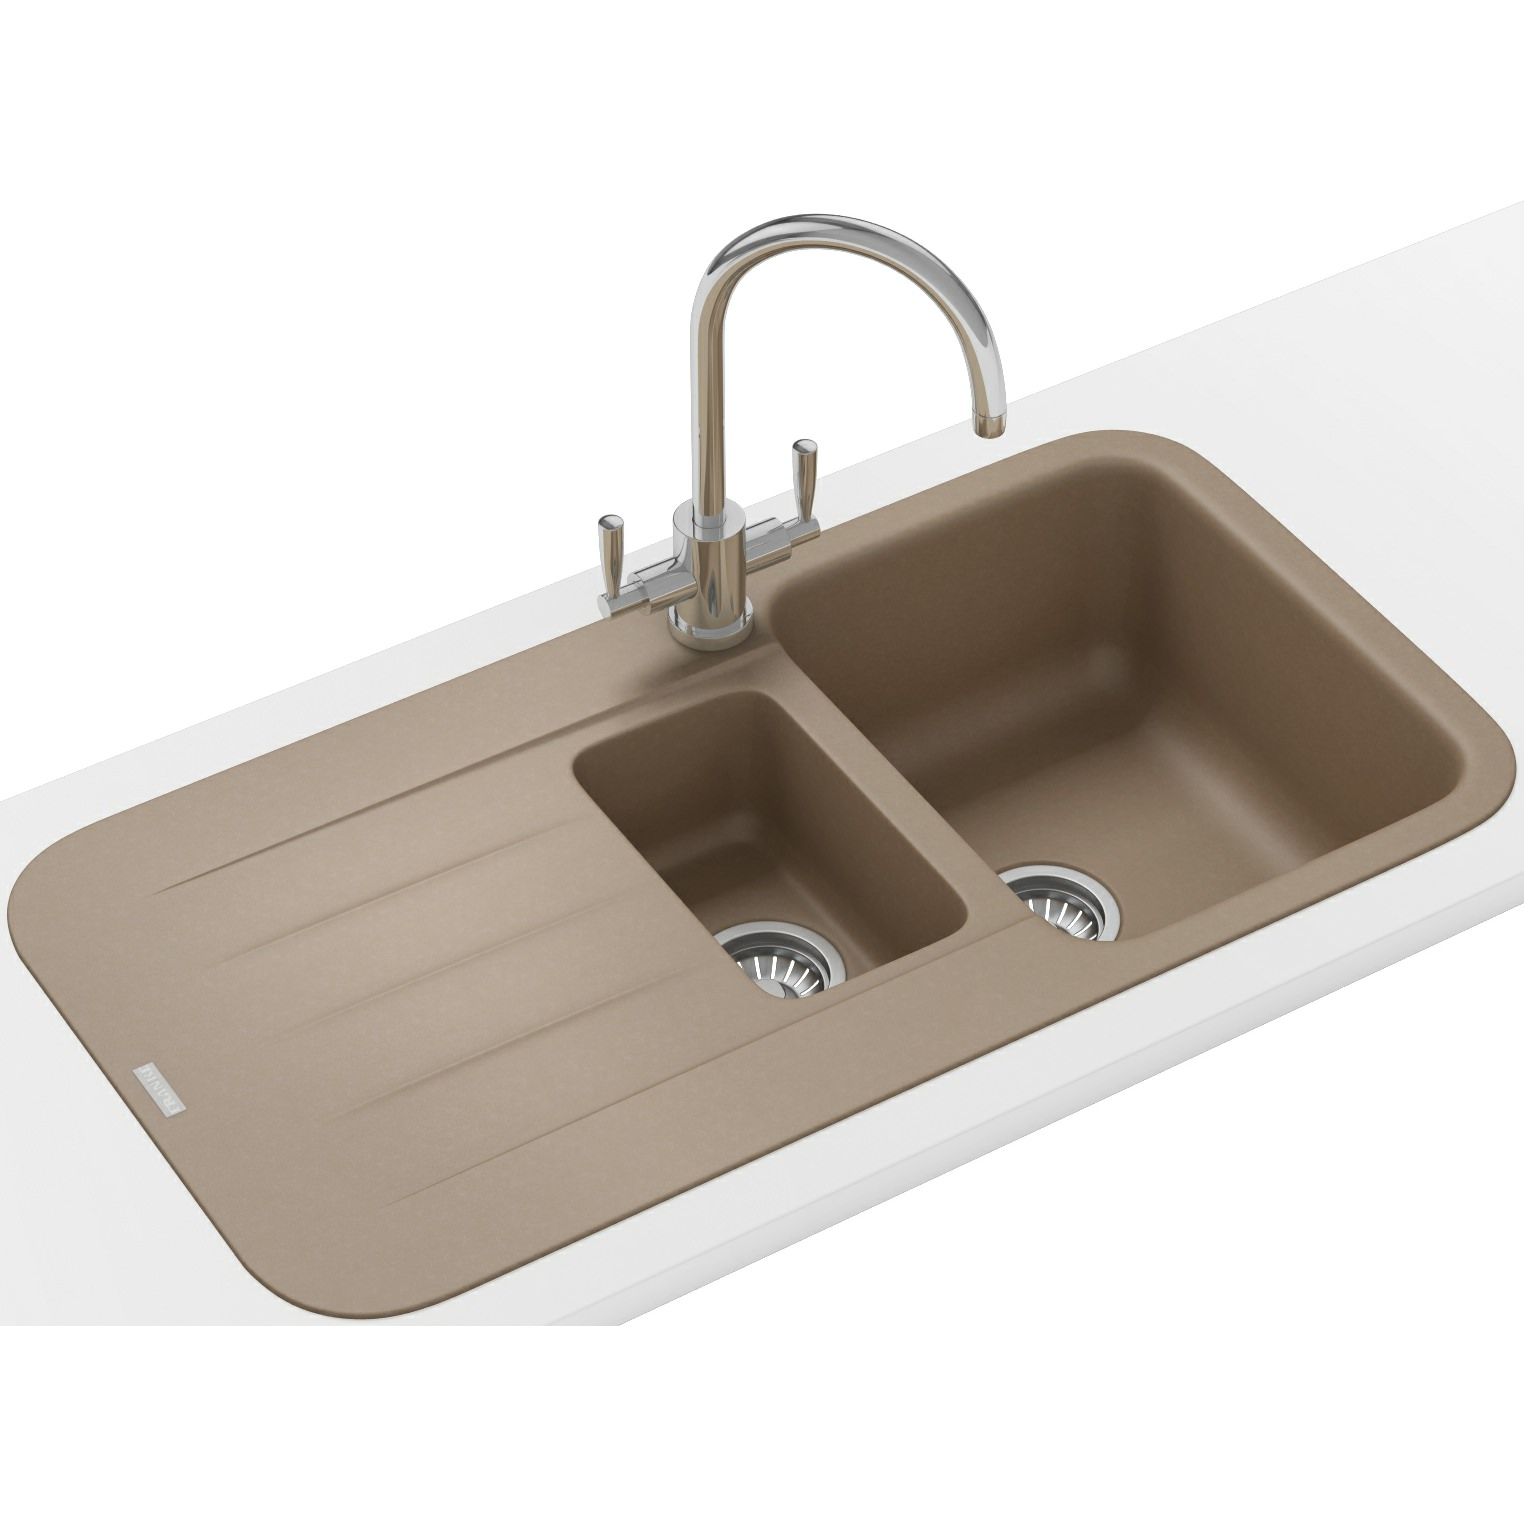 Franke Pebel PBG 651 Fragranite Oyster 1.5 Bowl Inset Sink 114.0312 ...